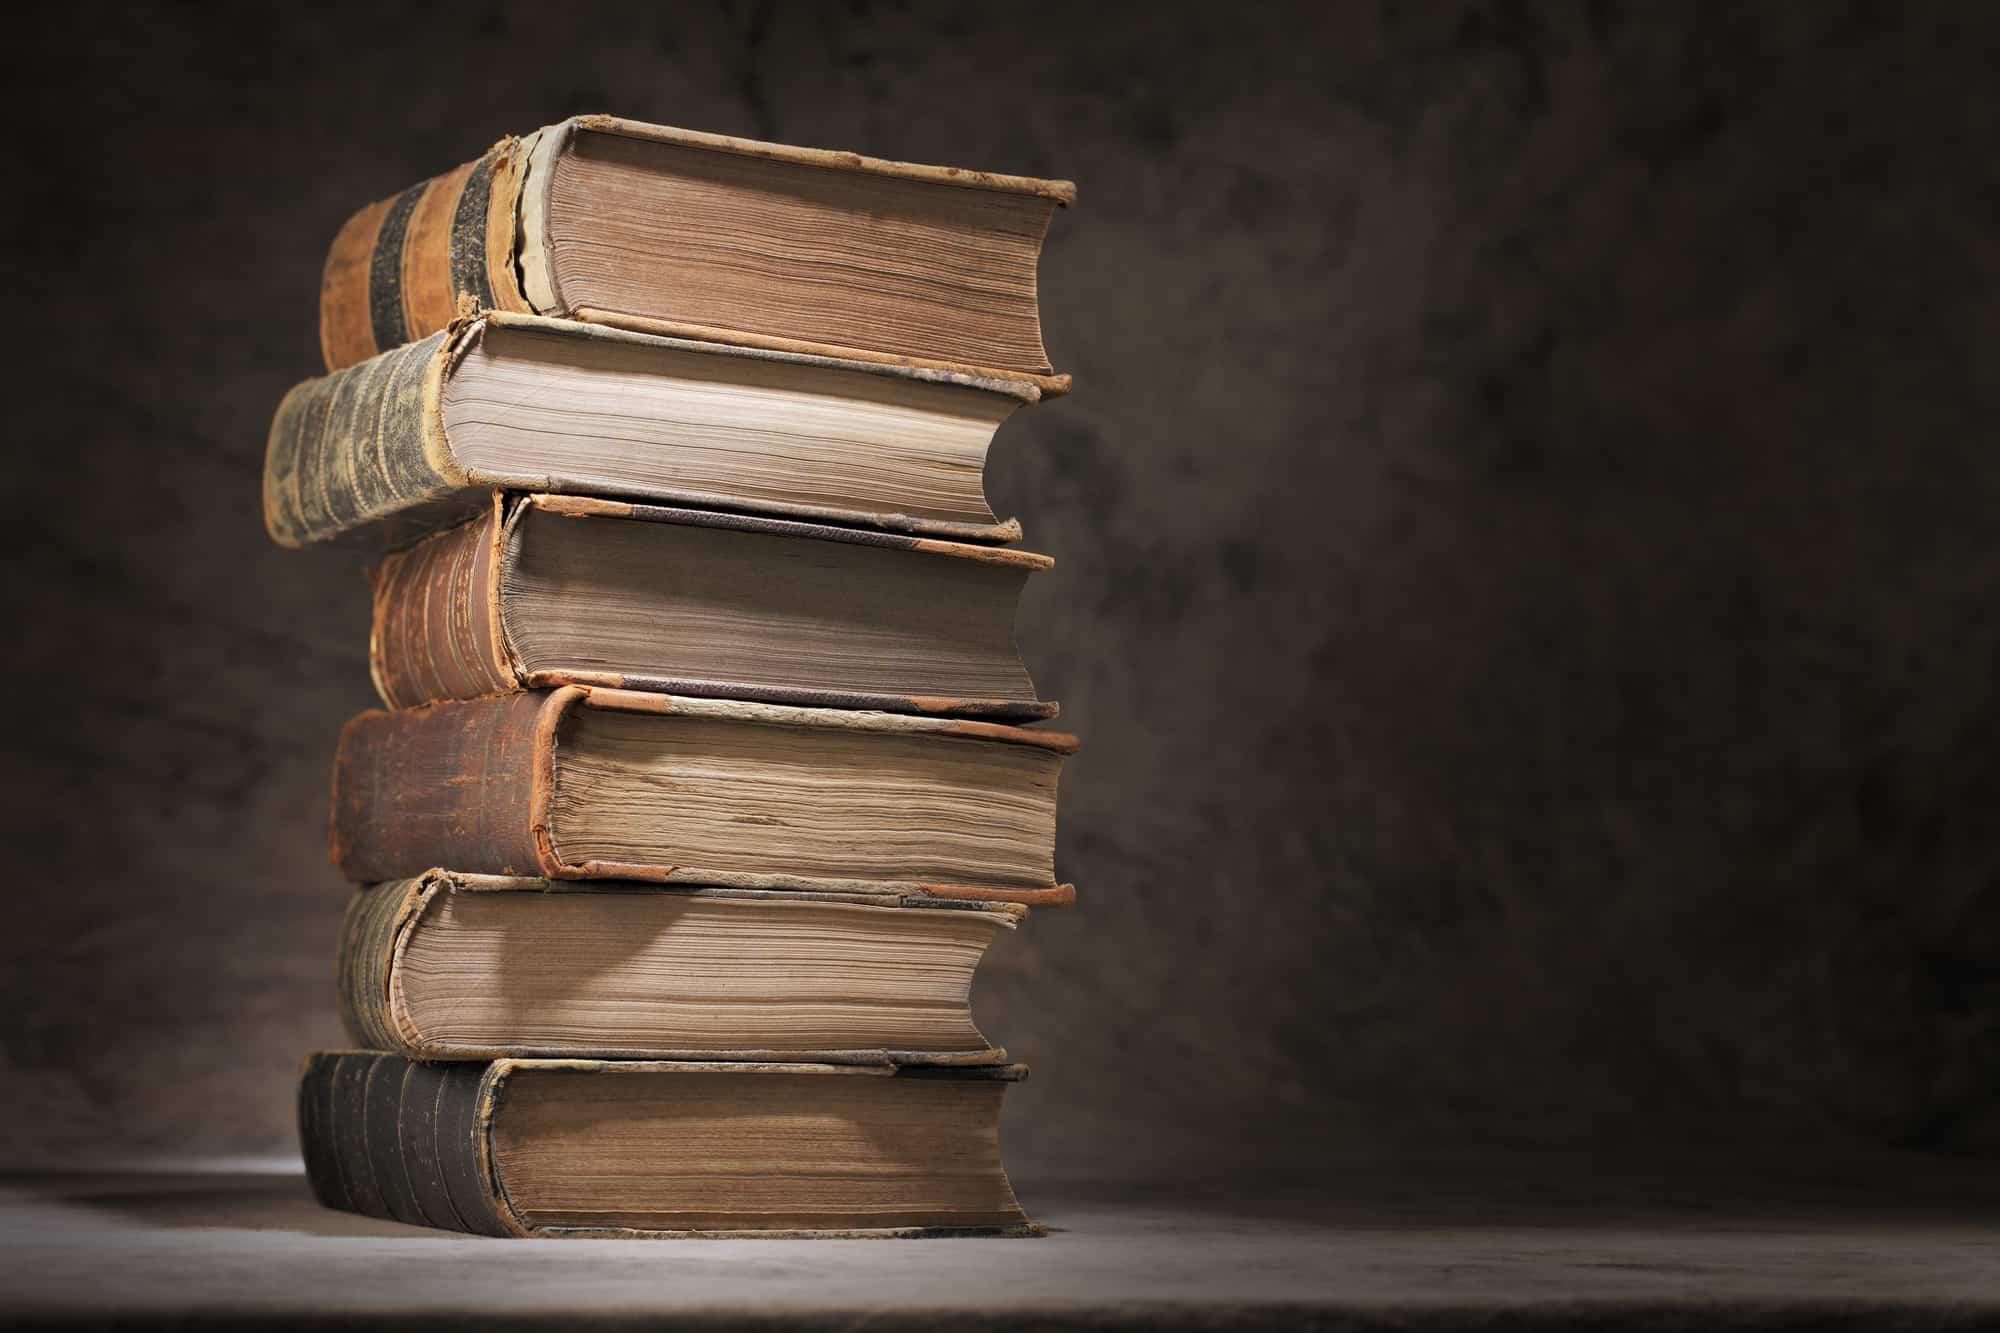 أهم الكتب التي يجب قراءتها